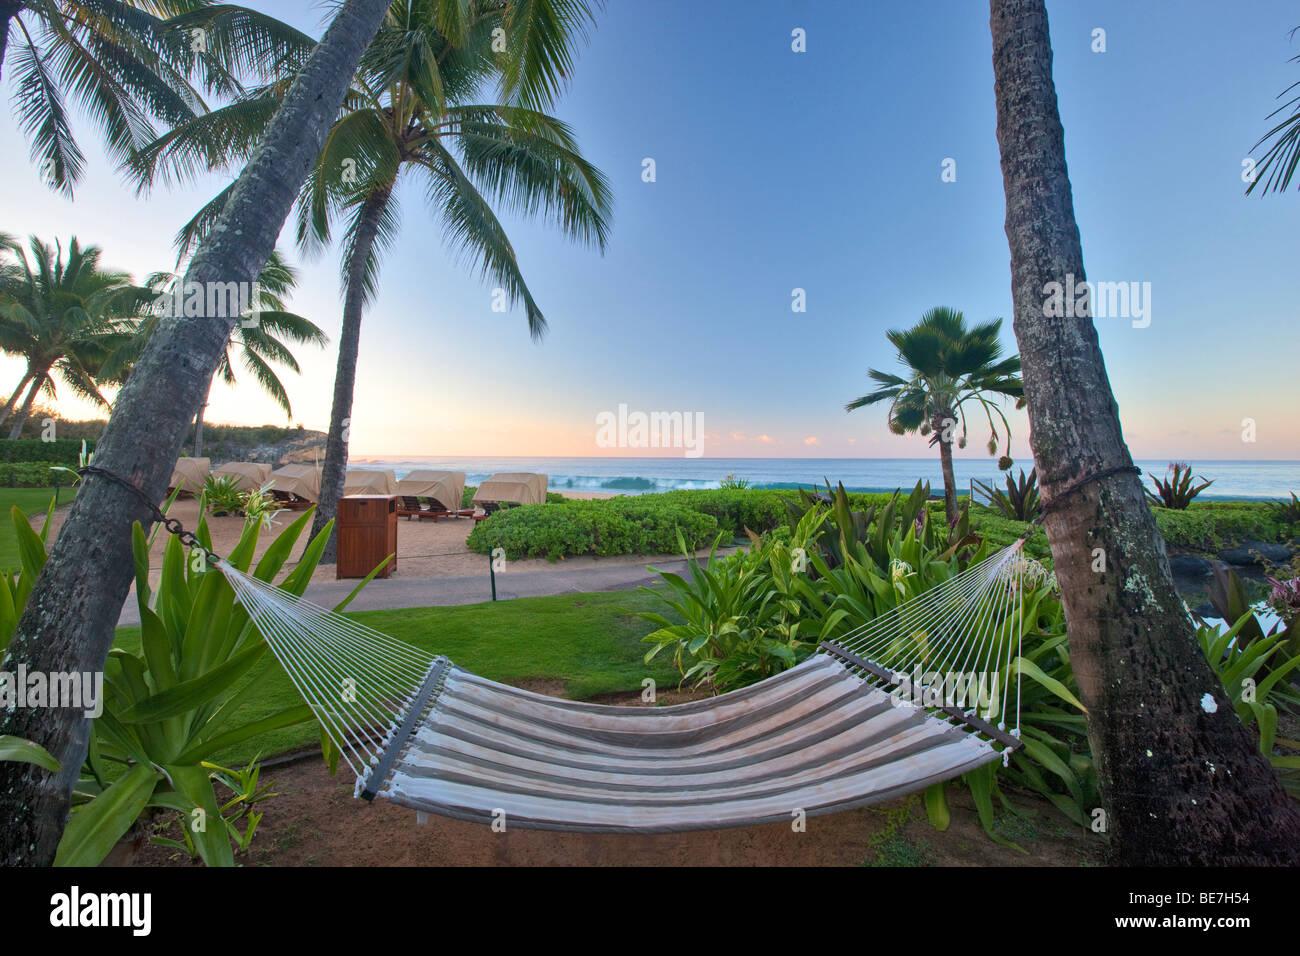 Hammock at Grand Hyatt, Kauai, Hawaii. - Stock Image